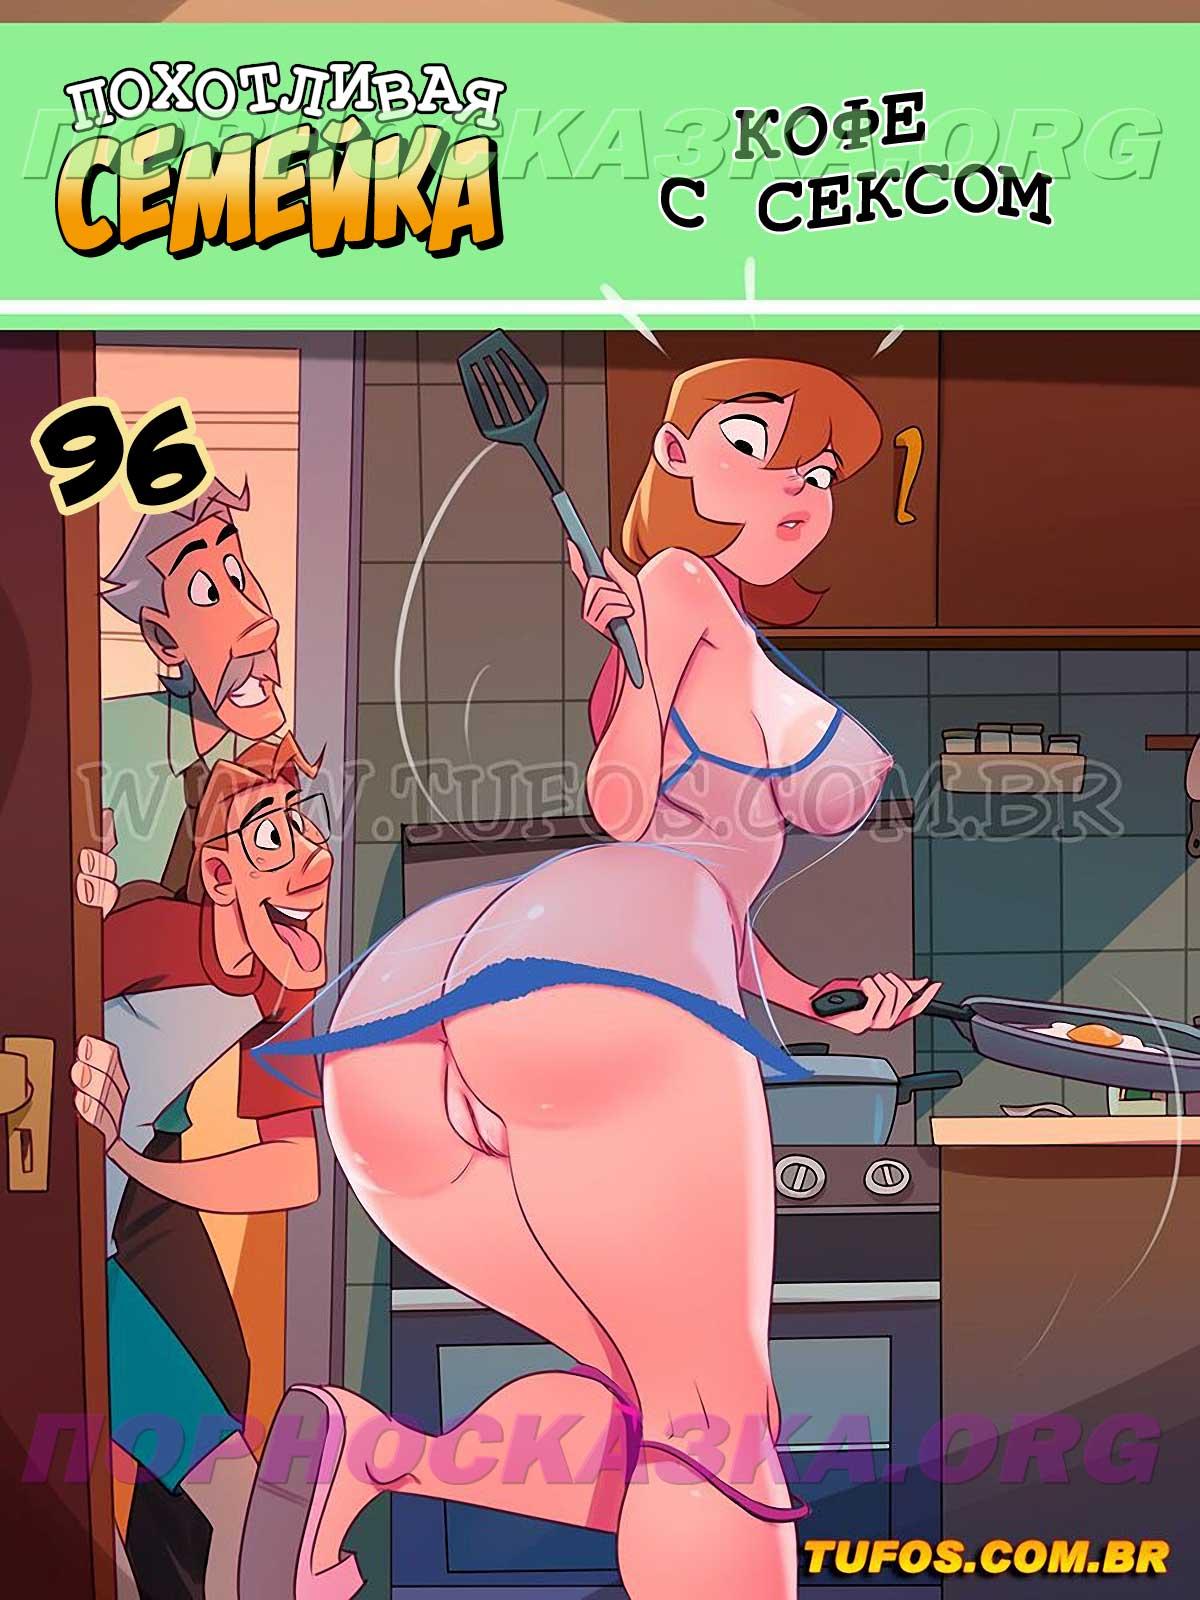 порно комикс похотливая семейка 96